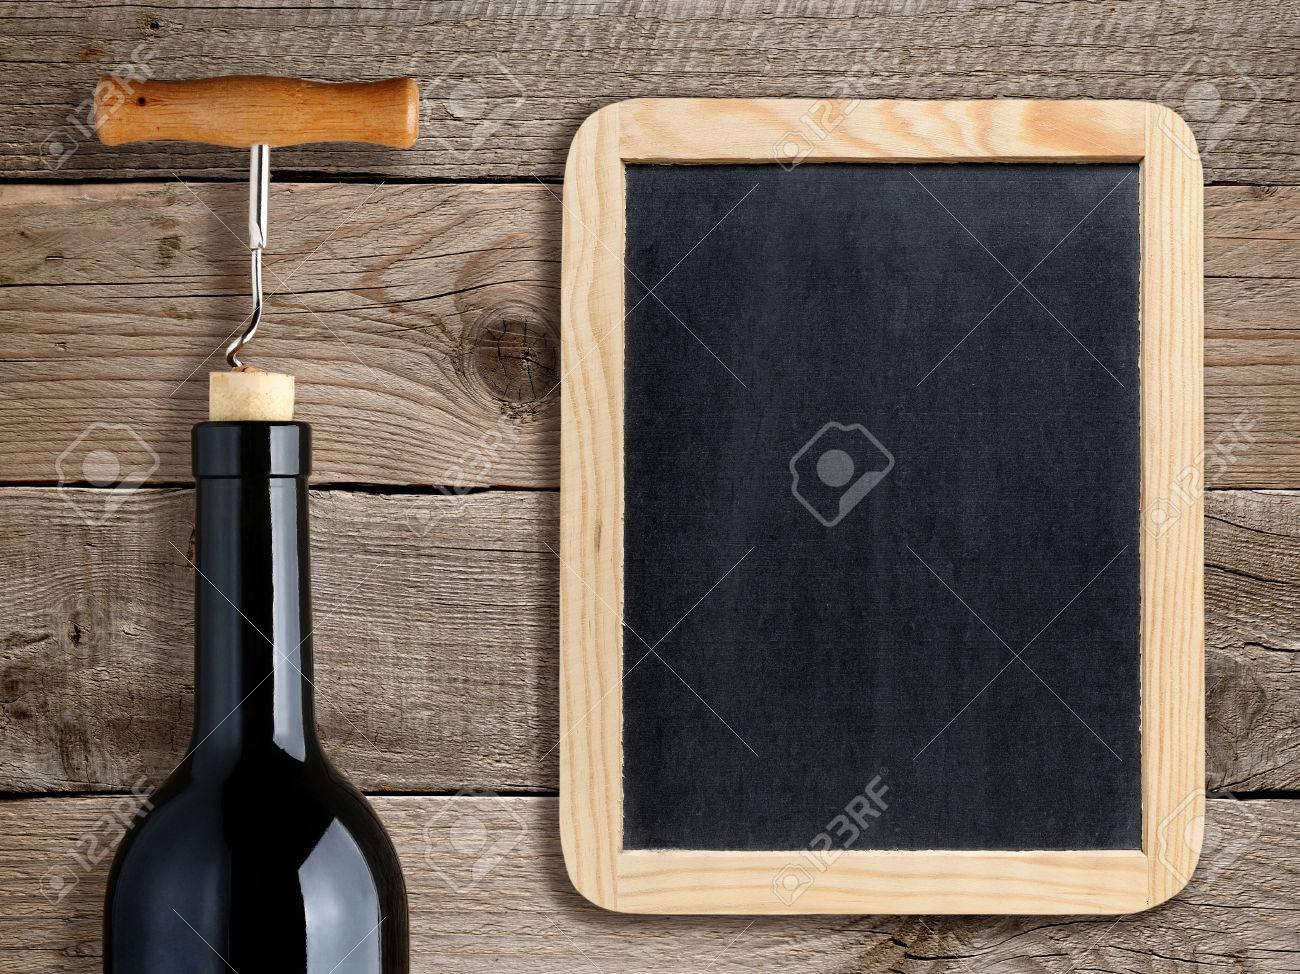 Bottle of wine and blank blackboard on wooden background - 35154624